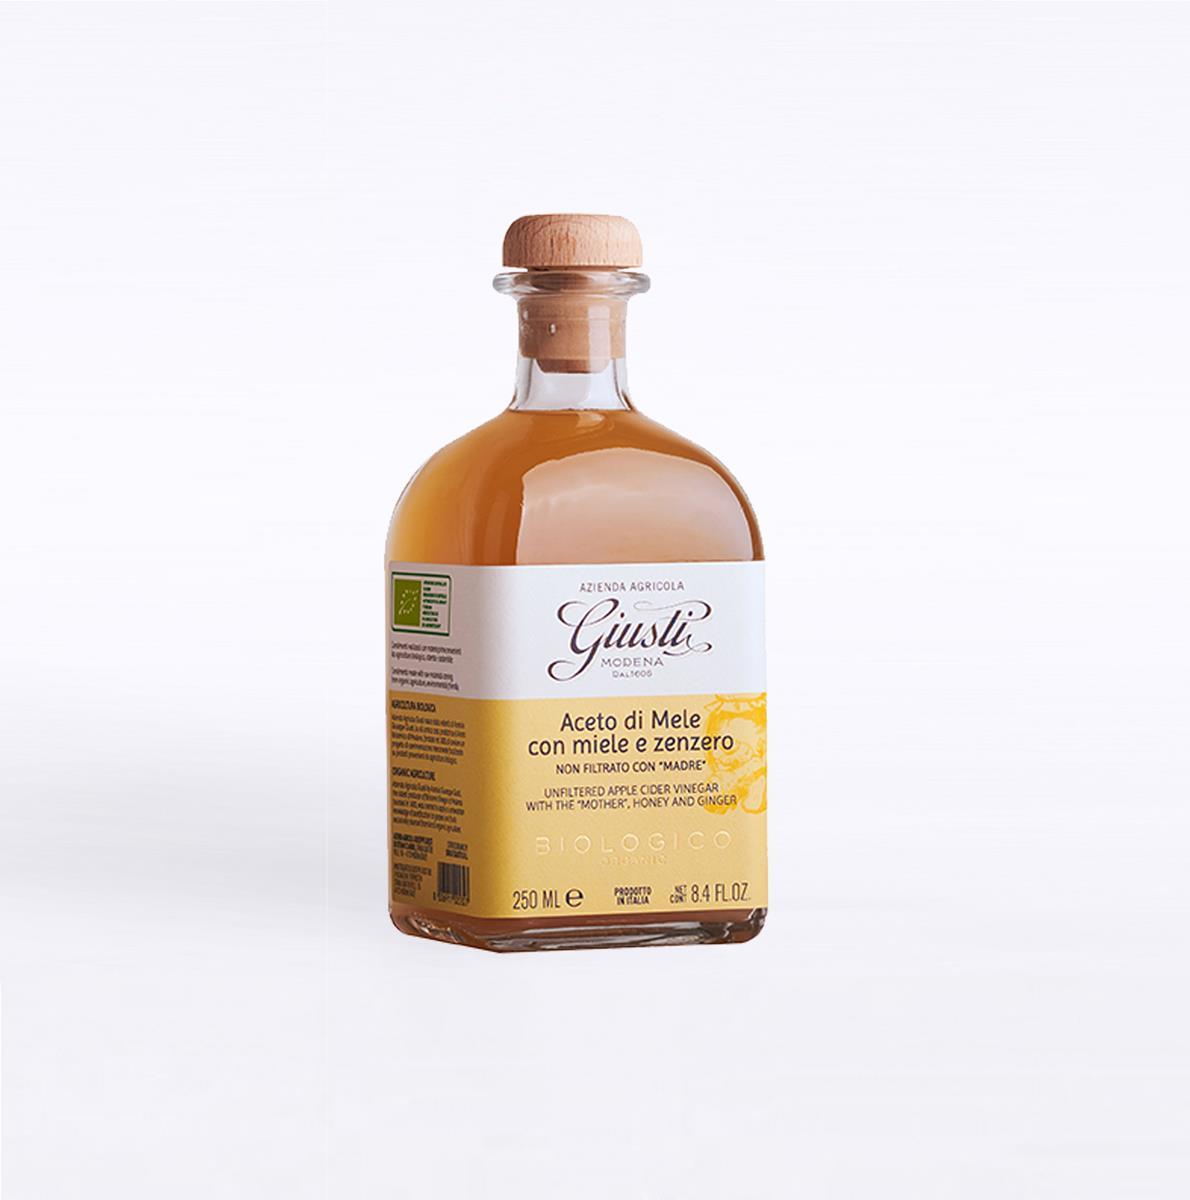 Aceto di mele Biologico non filtrato con madre, miele e zenzero 250 ml